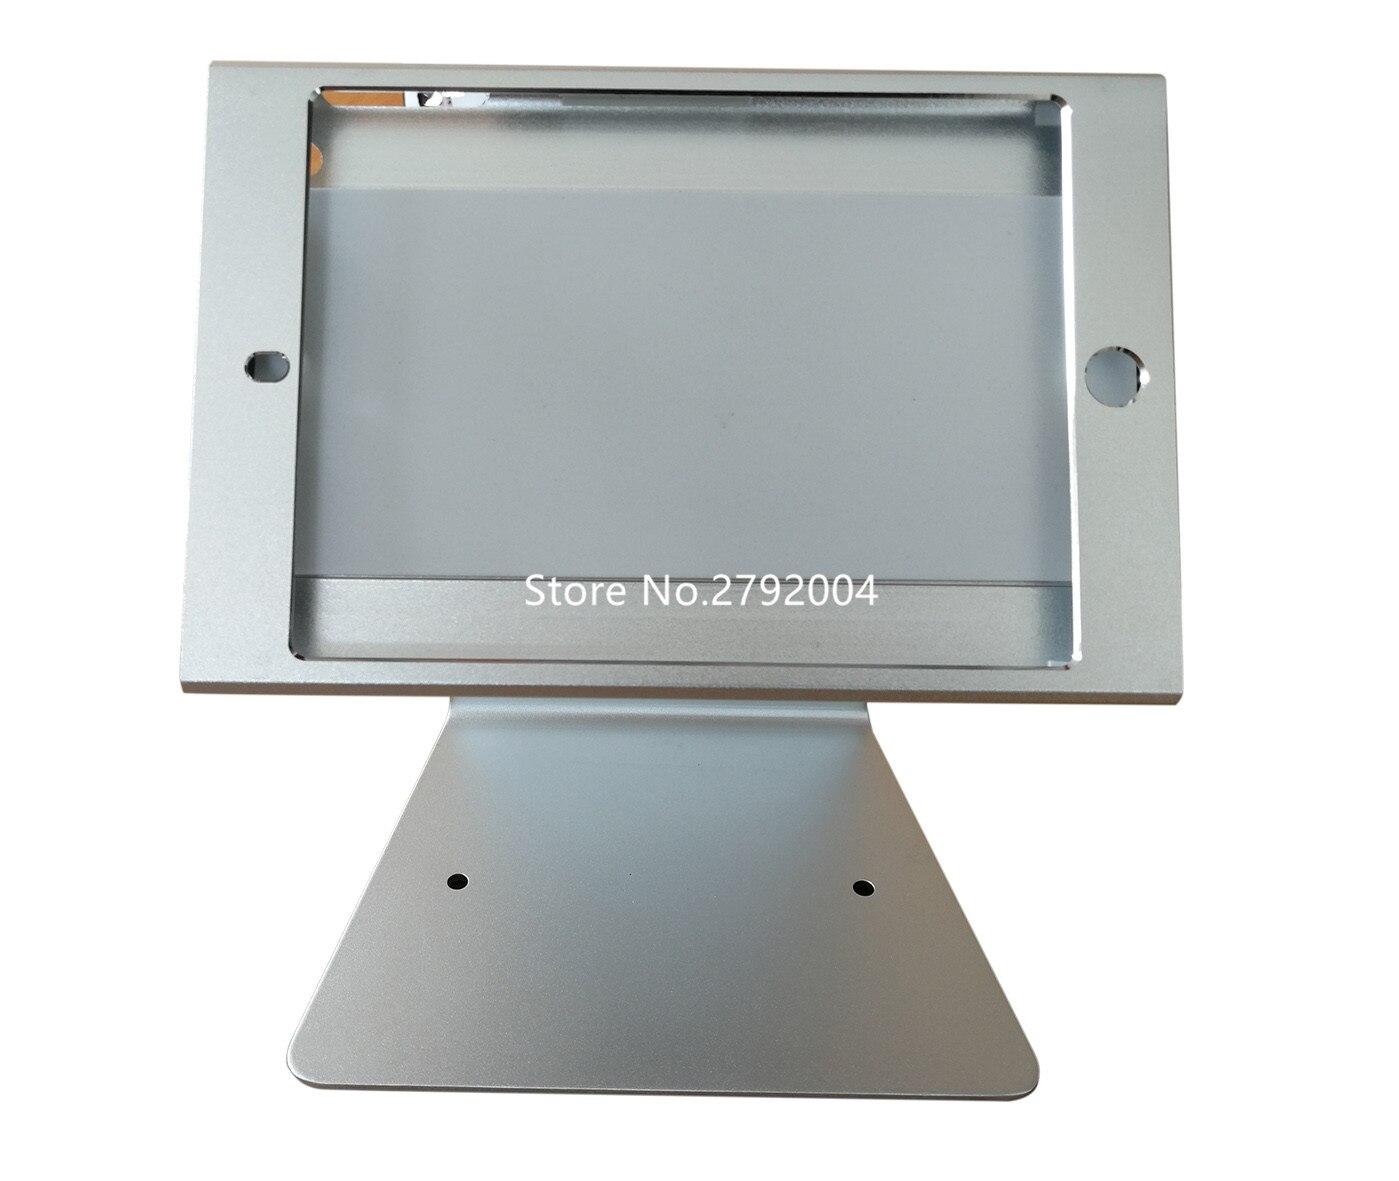 restaurante sistema de pedidos bloqueado para ipad mini mesa suporte de inclinacao para cima e donw